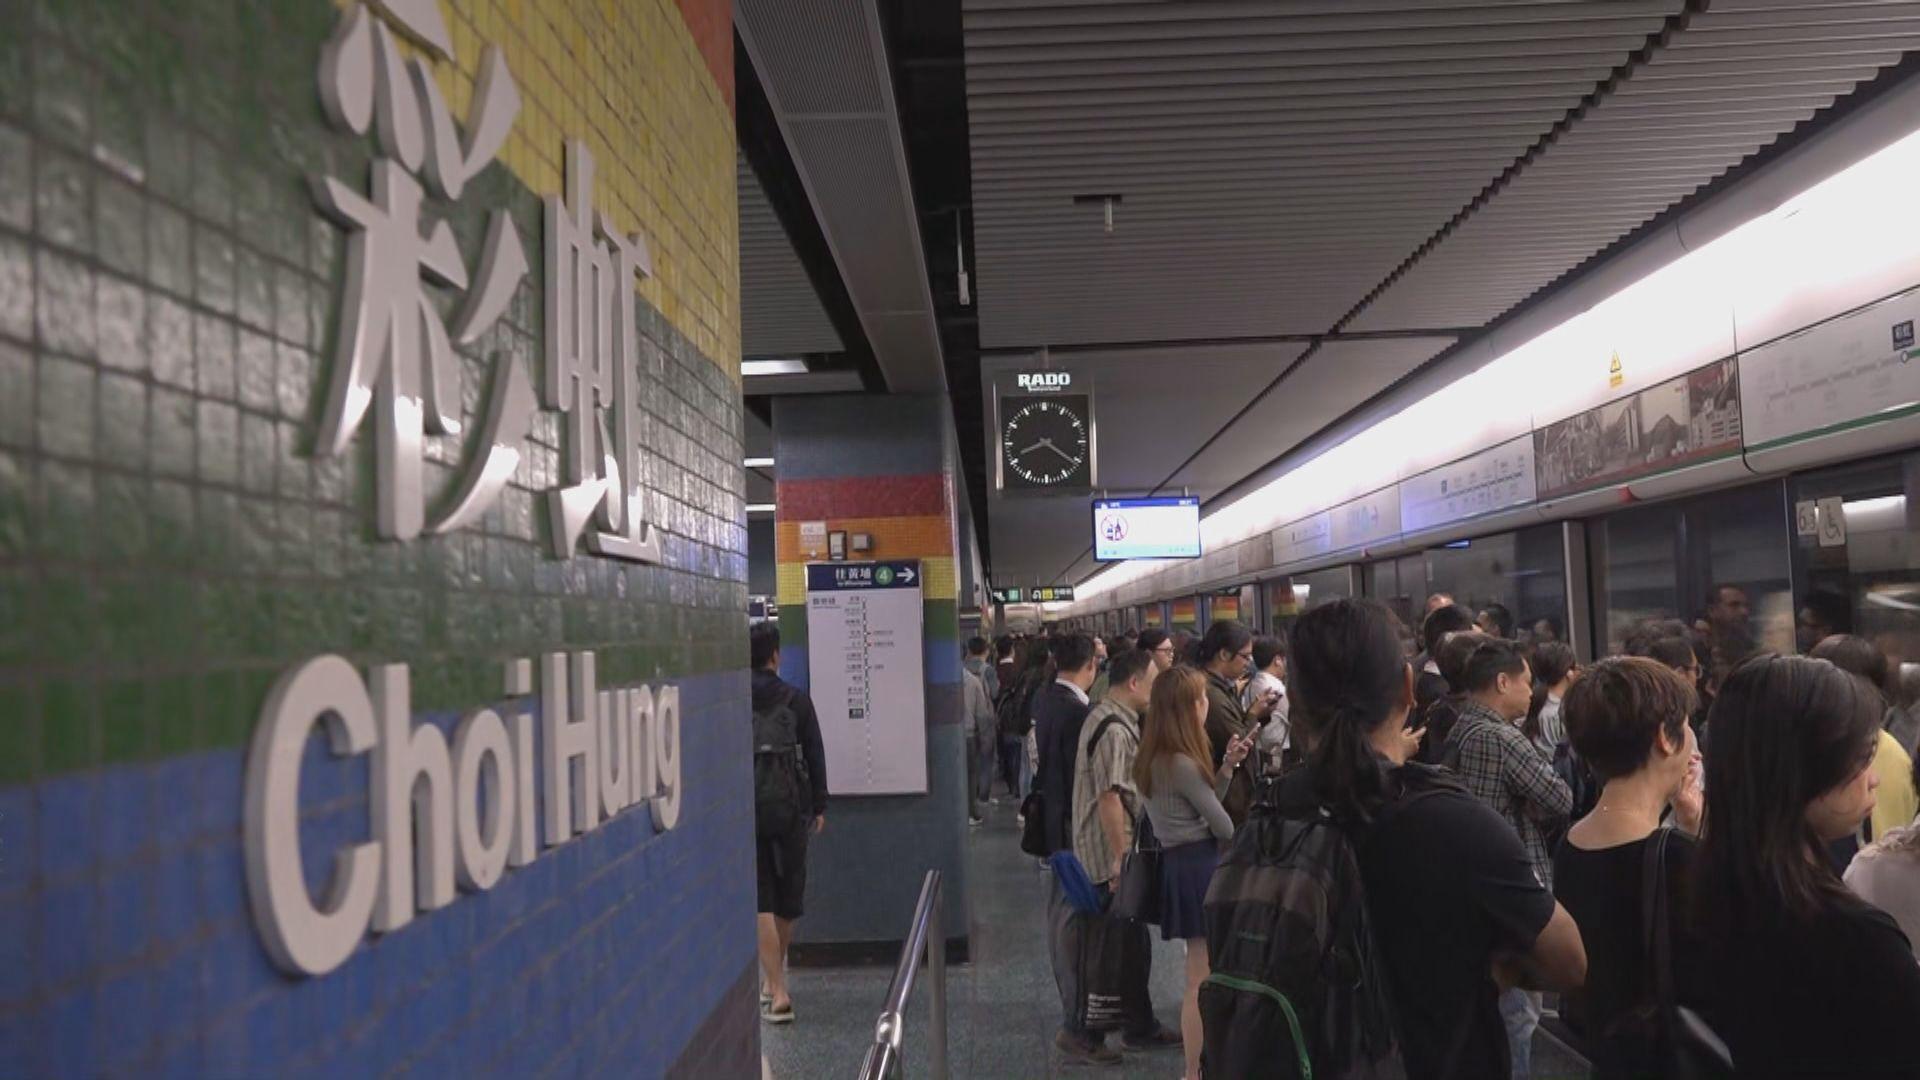 港鐵部分列車早上受阻 元朗站二時起關閉